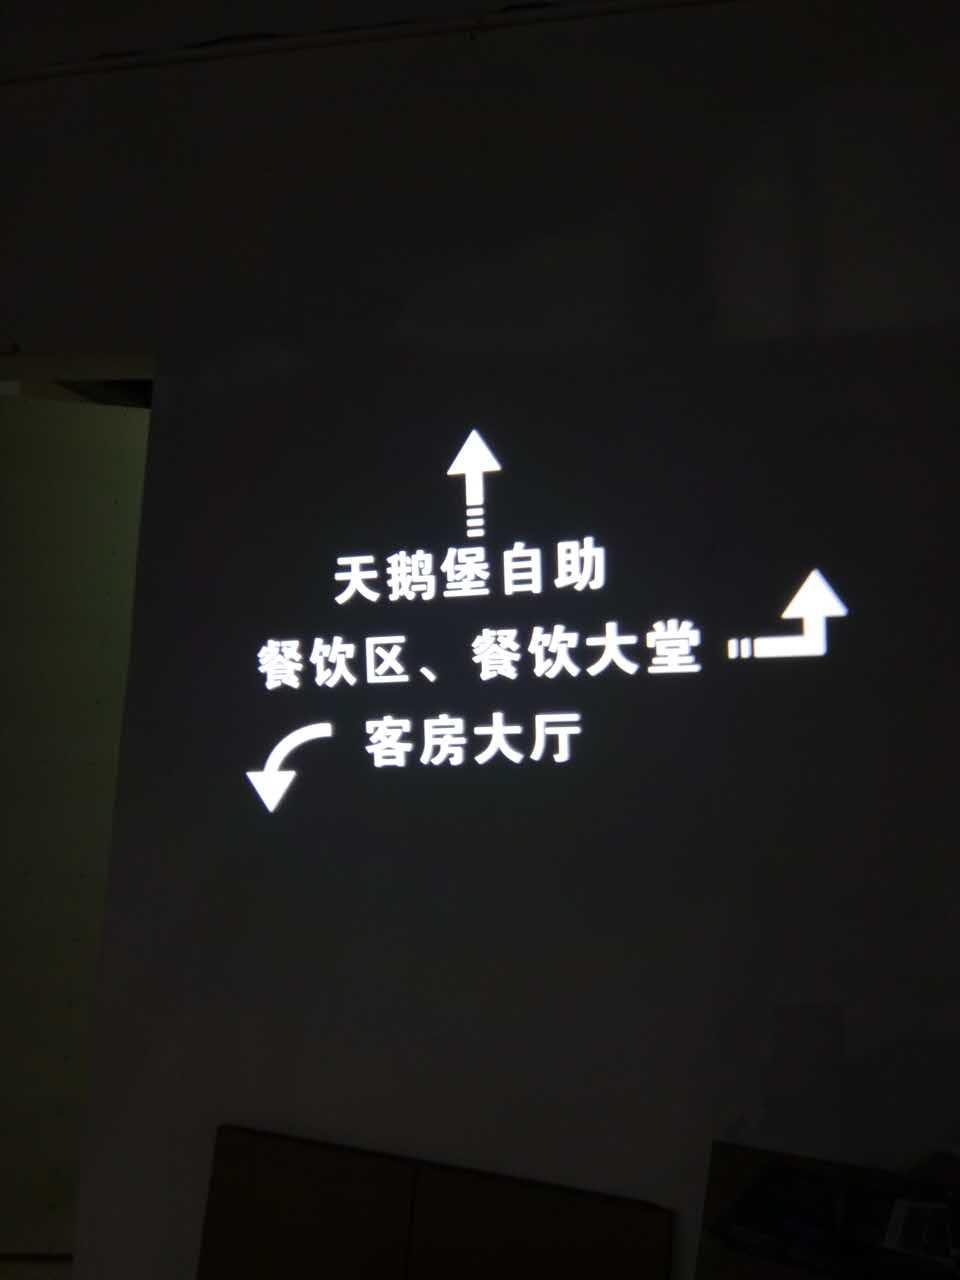 投影指示标志